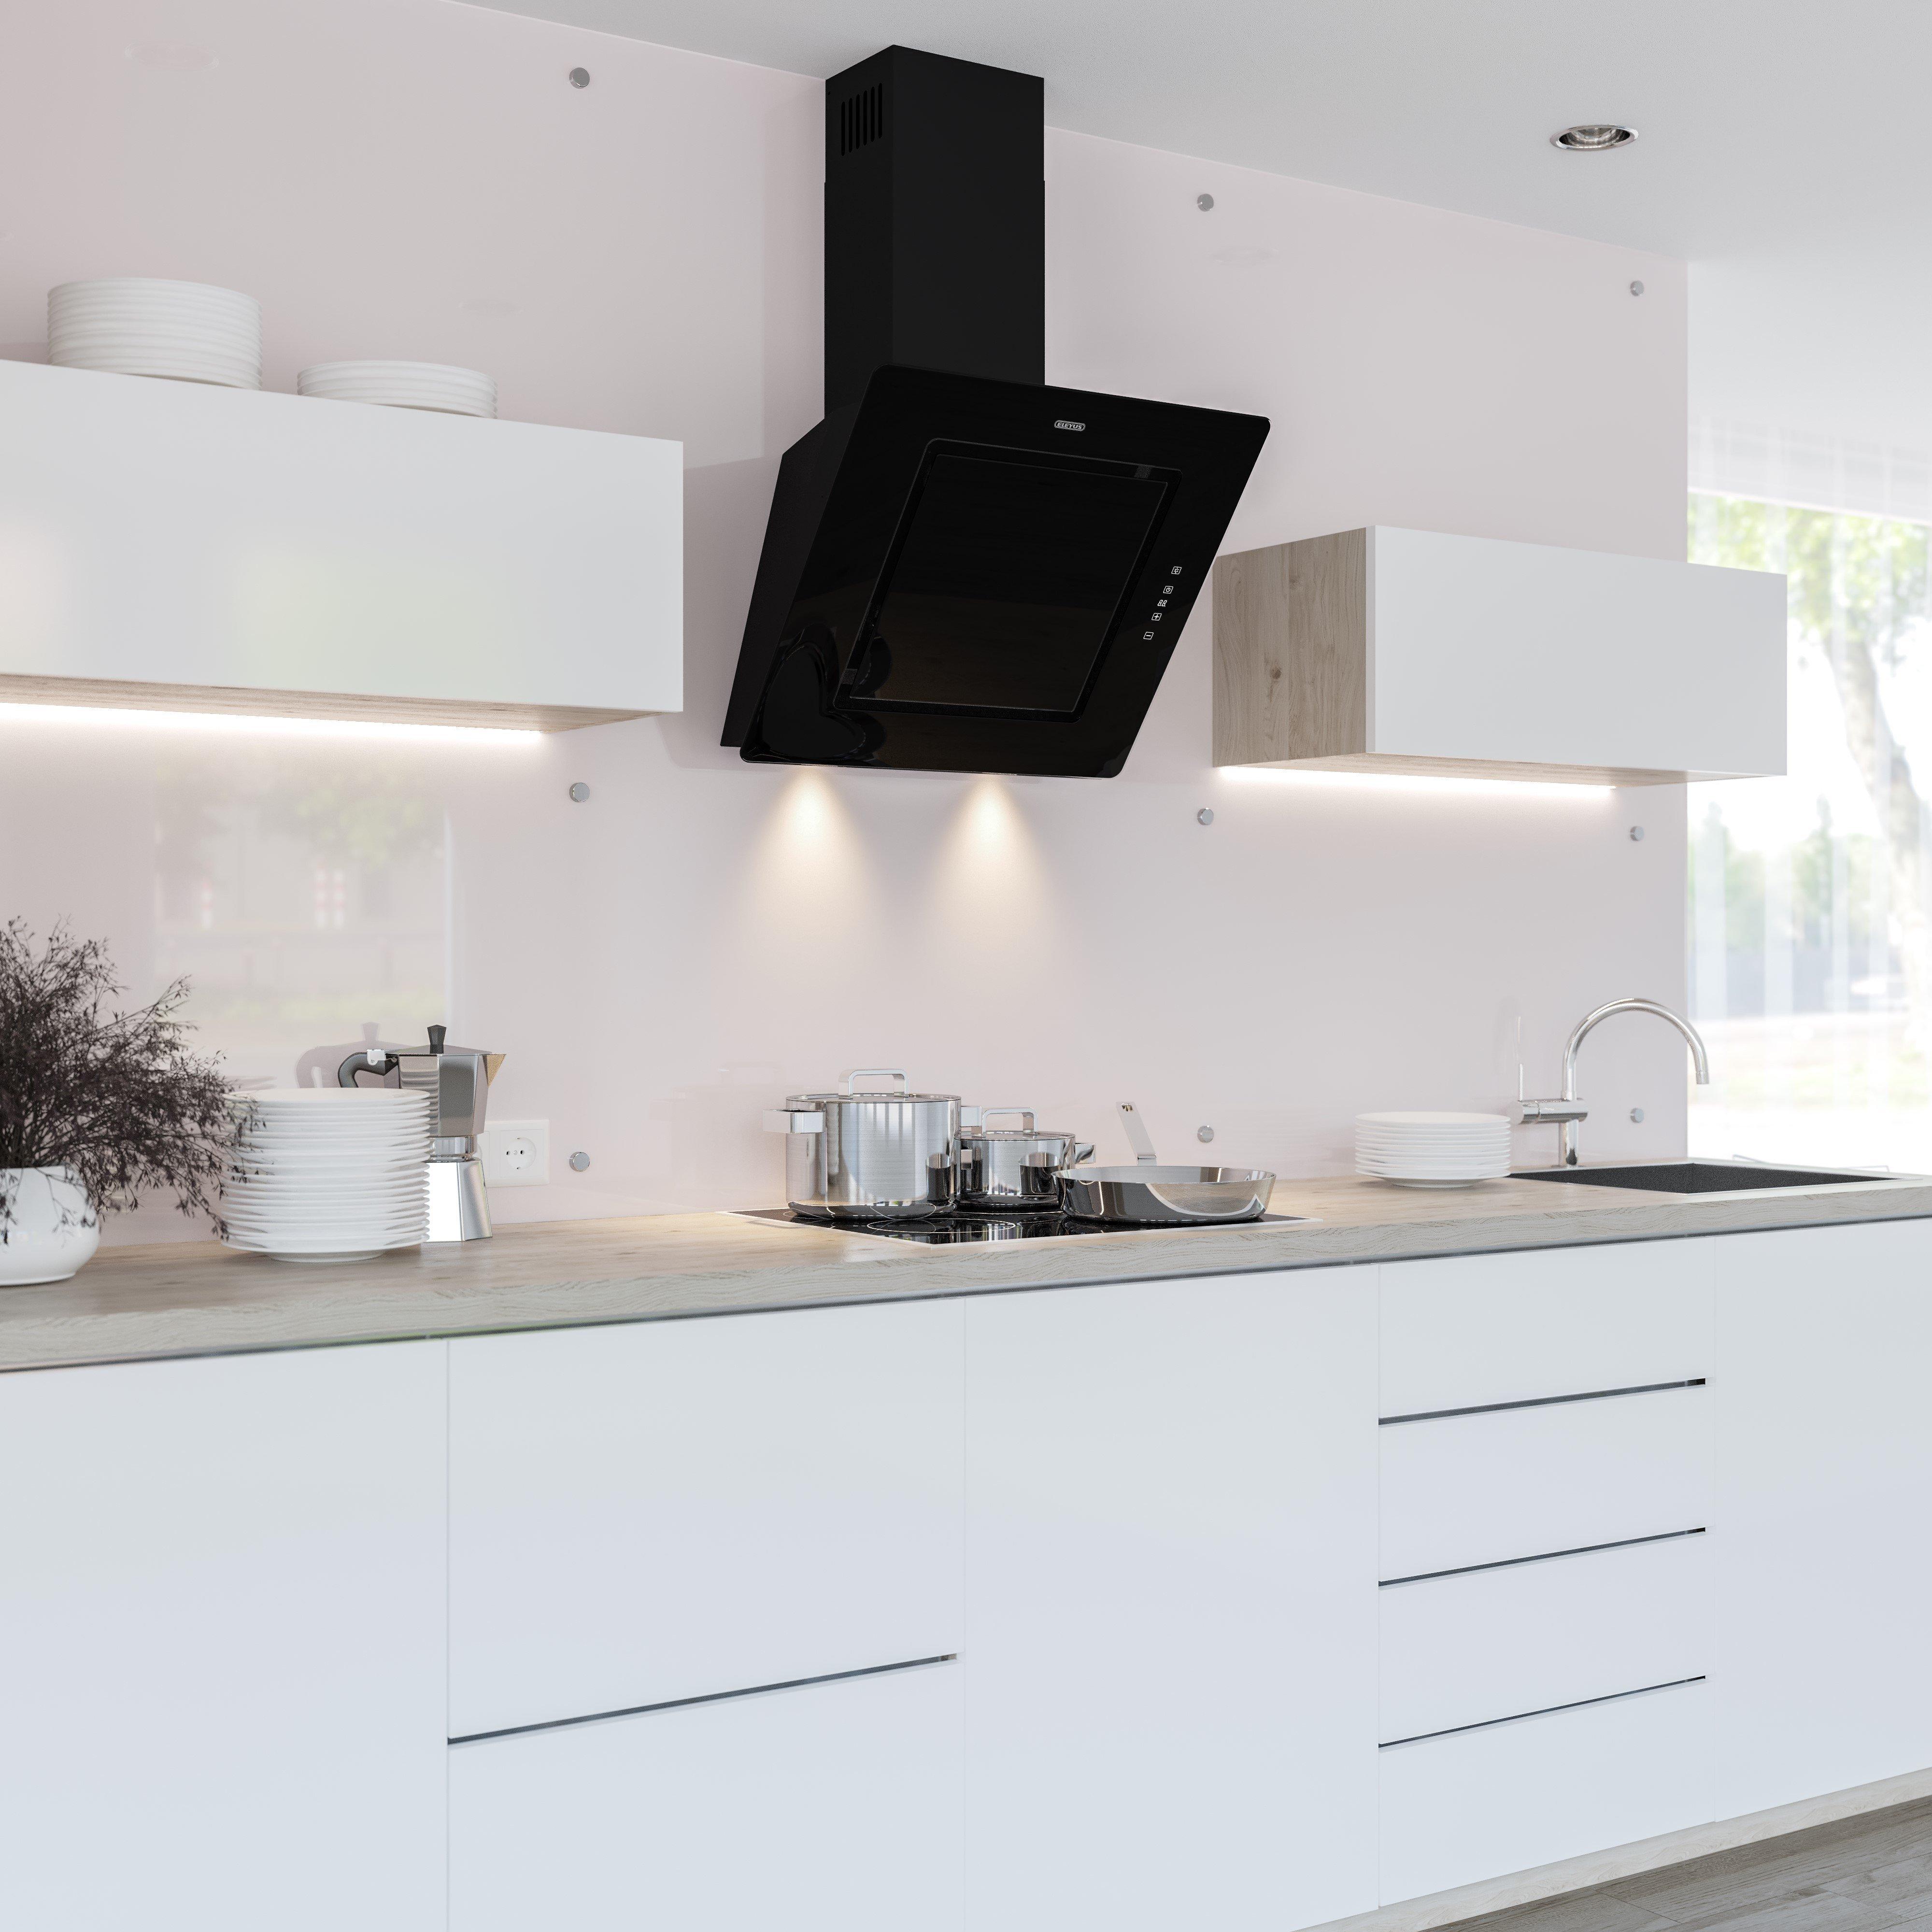 жители пожаловались дизайн кухни с наклонной вытяжкой фото роскошен, отделан